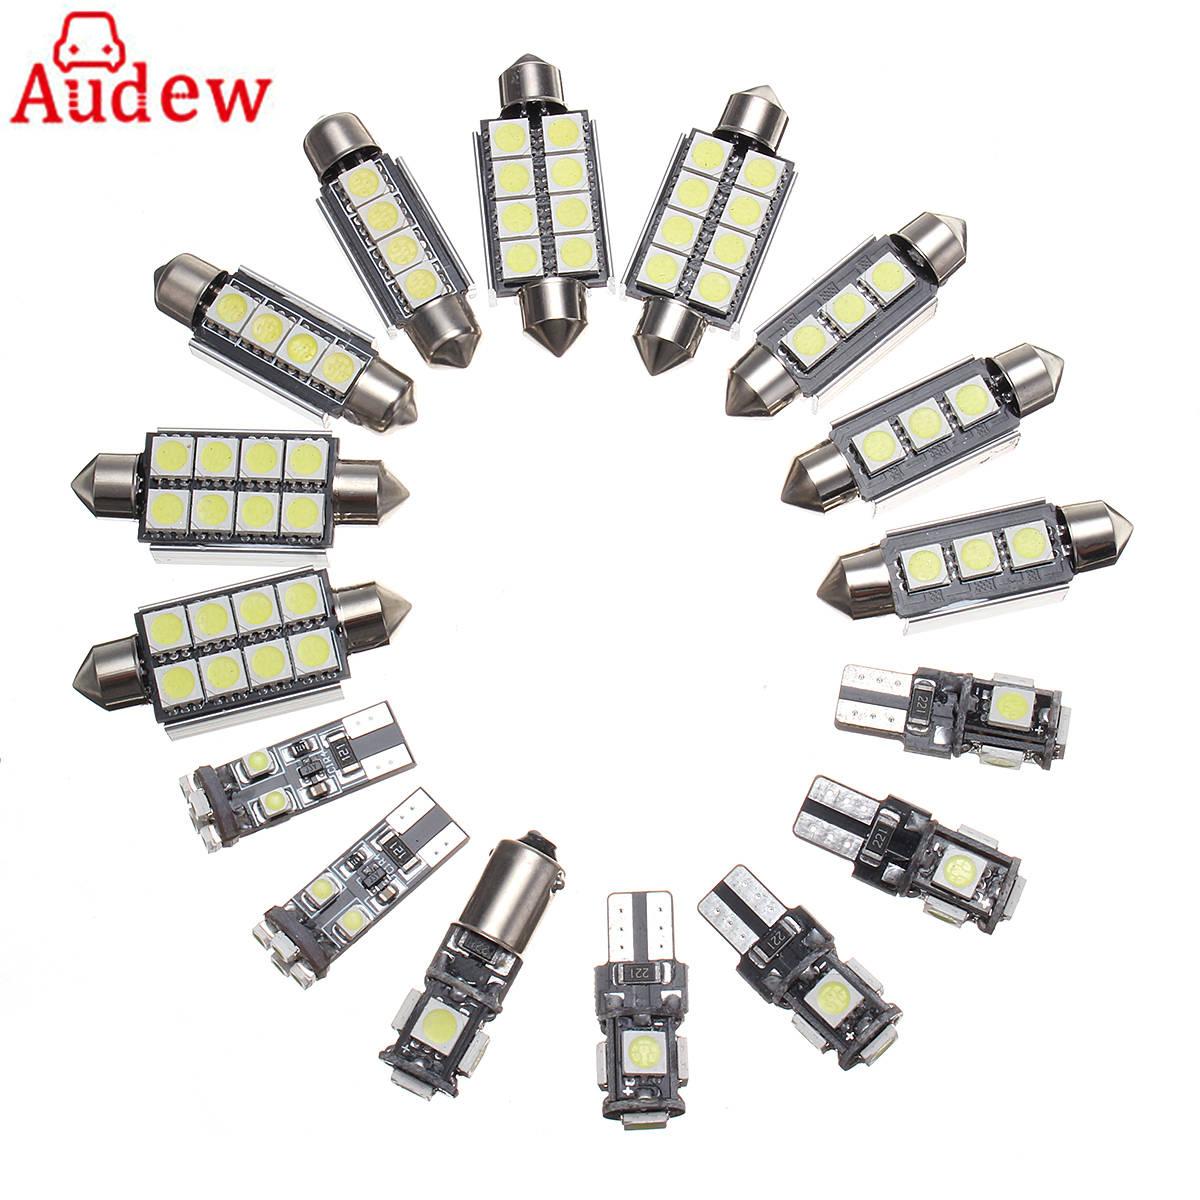 20pcs white canbus Car Interior lamp LED Light Kit for Audi A4 S4 B8 avant 2009-2015